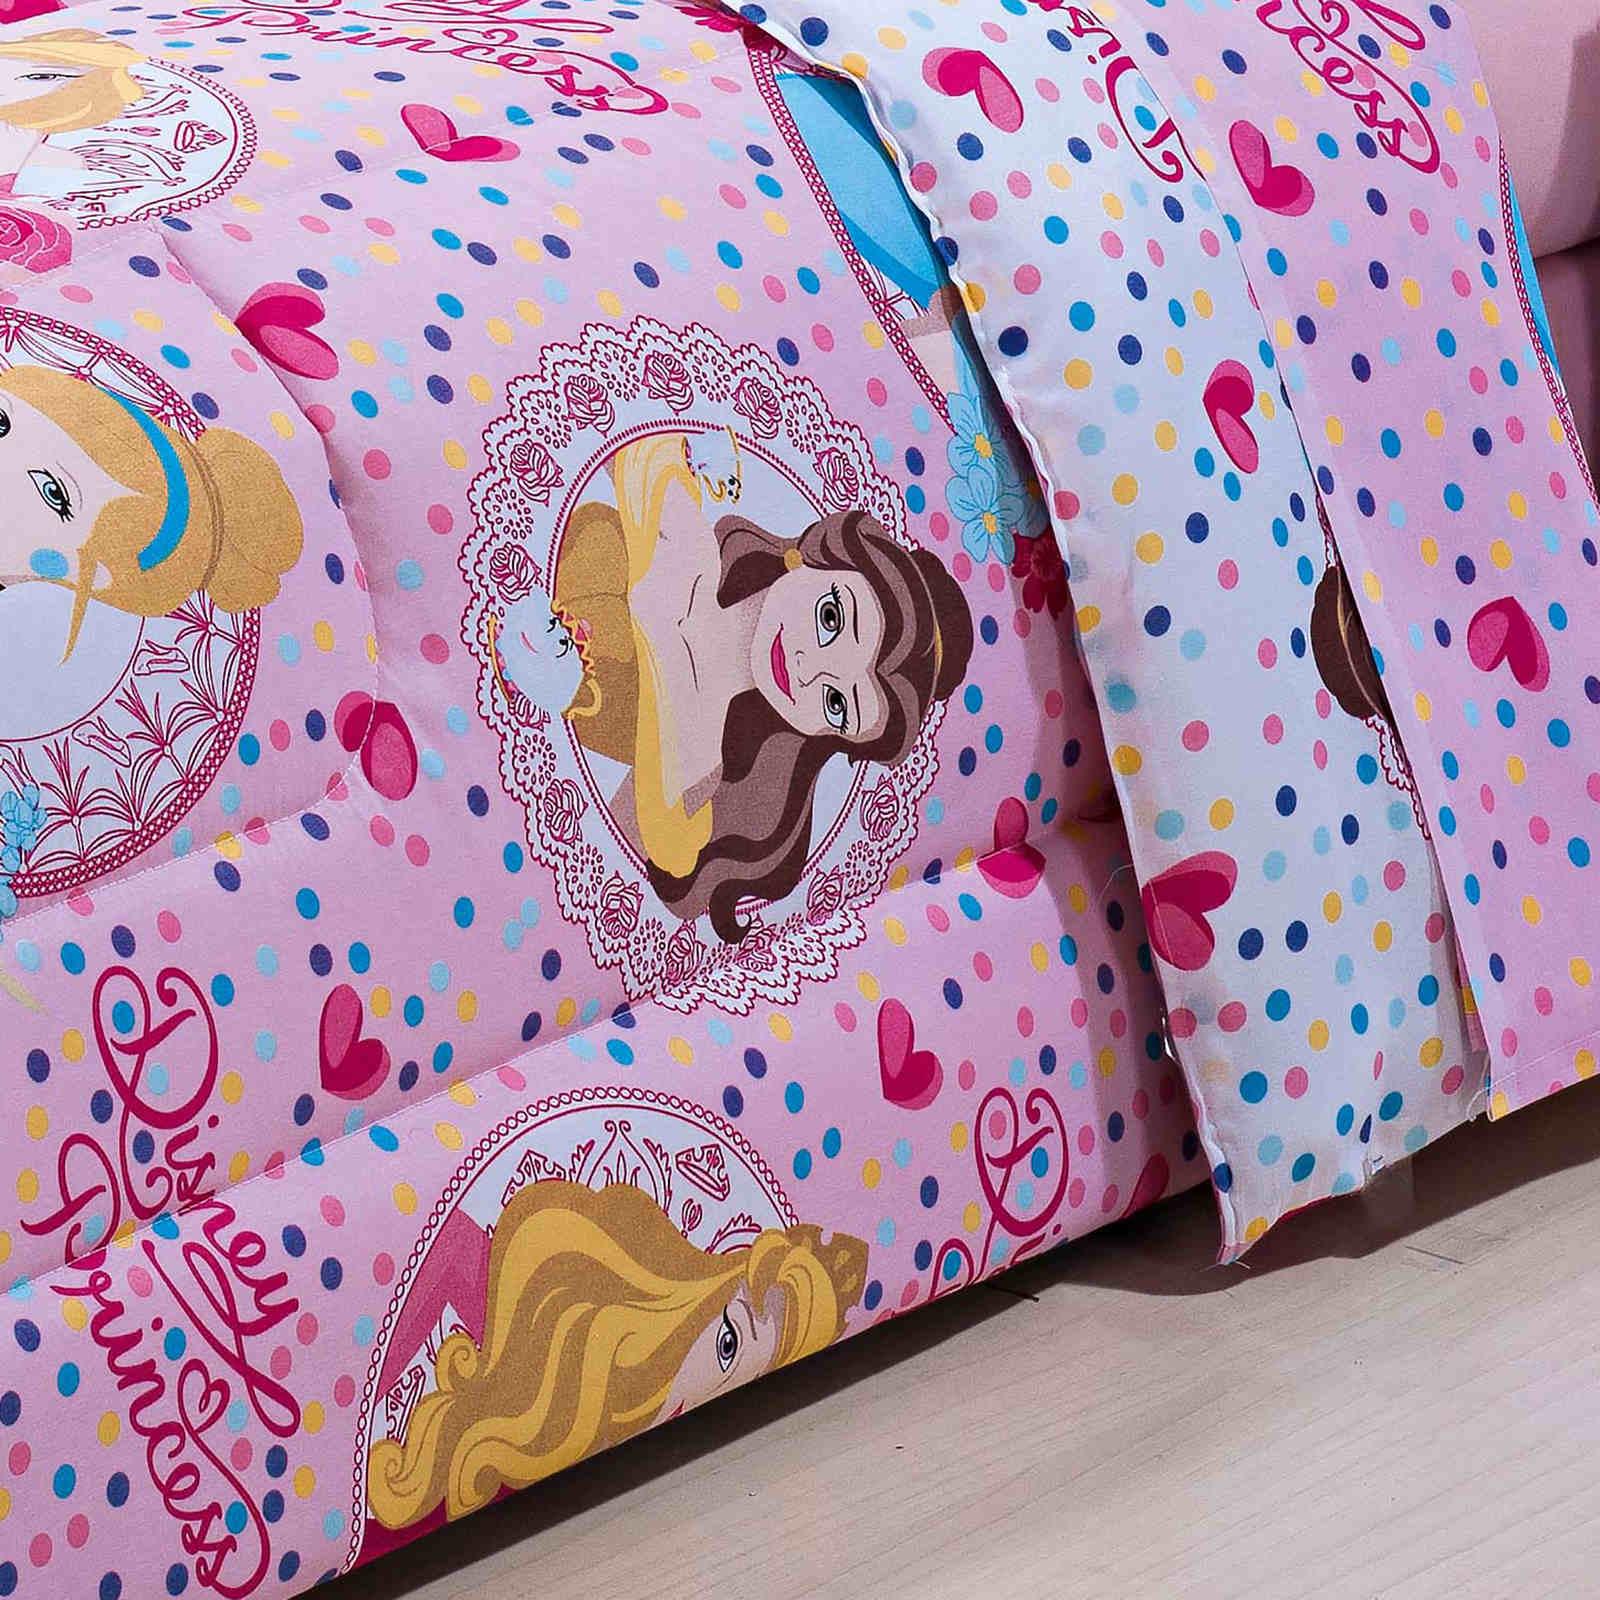 Edredom Solteiro Princesas Disney Infantil Algodão Misto Rosa Dupla Face Macio Avulso 1 Peça